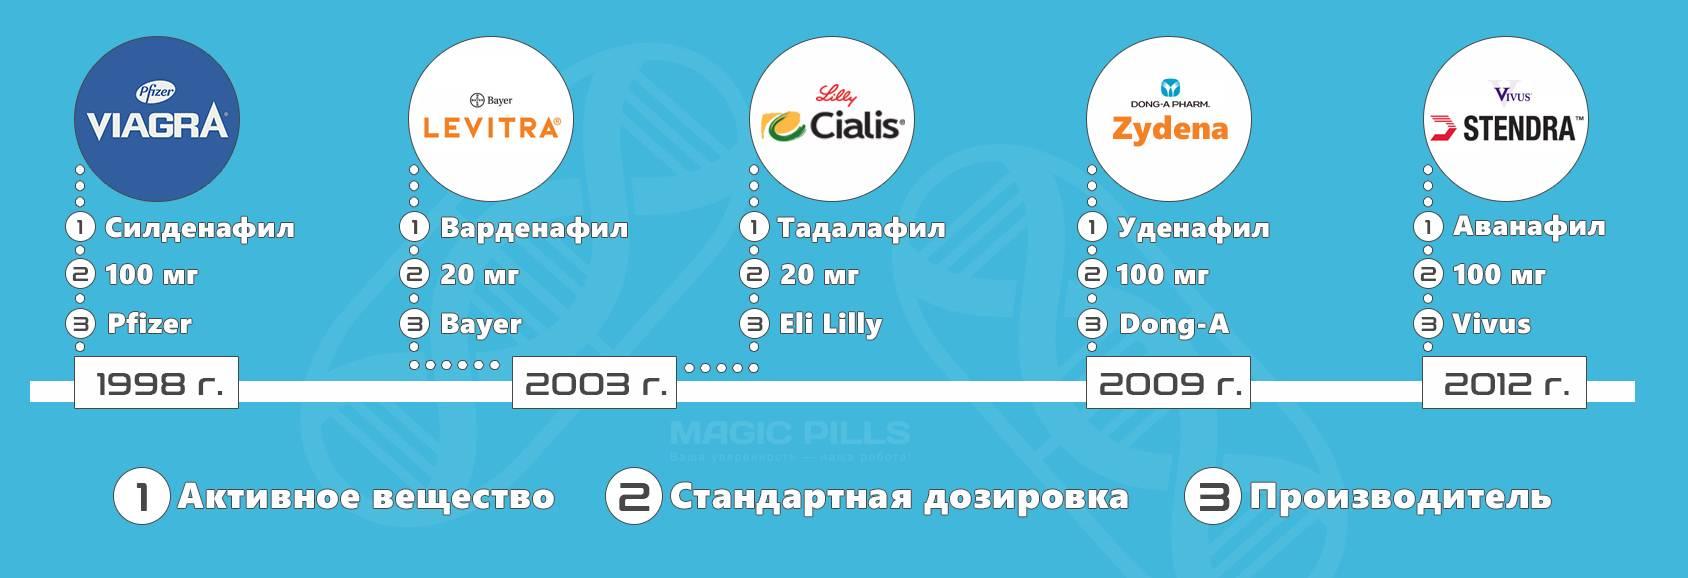 Сиалис: аналоги российского производства и другие дешевые дженерики для мужчин